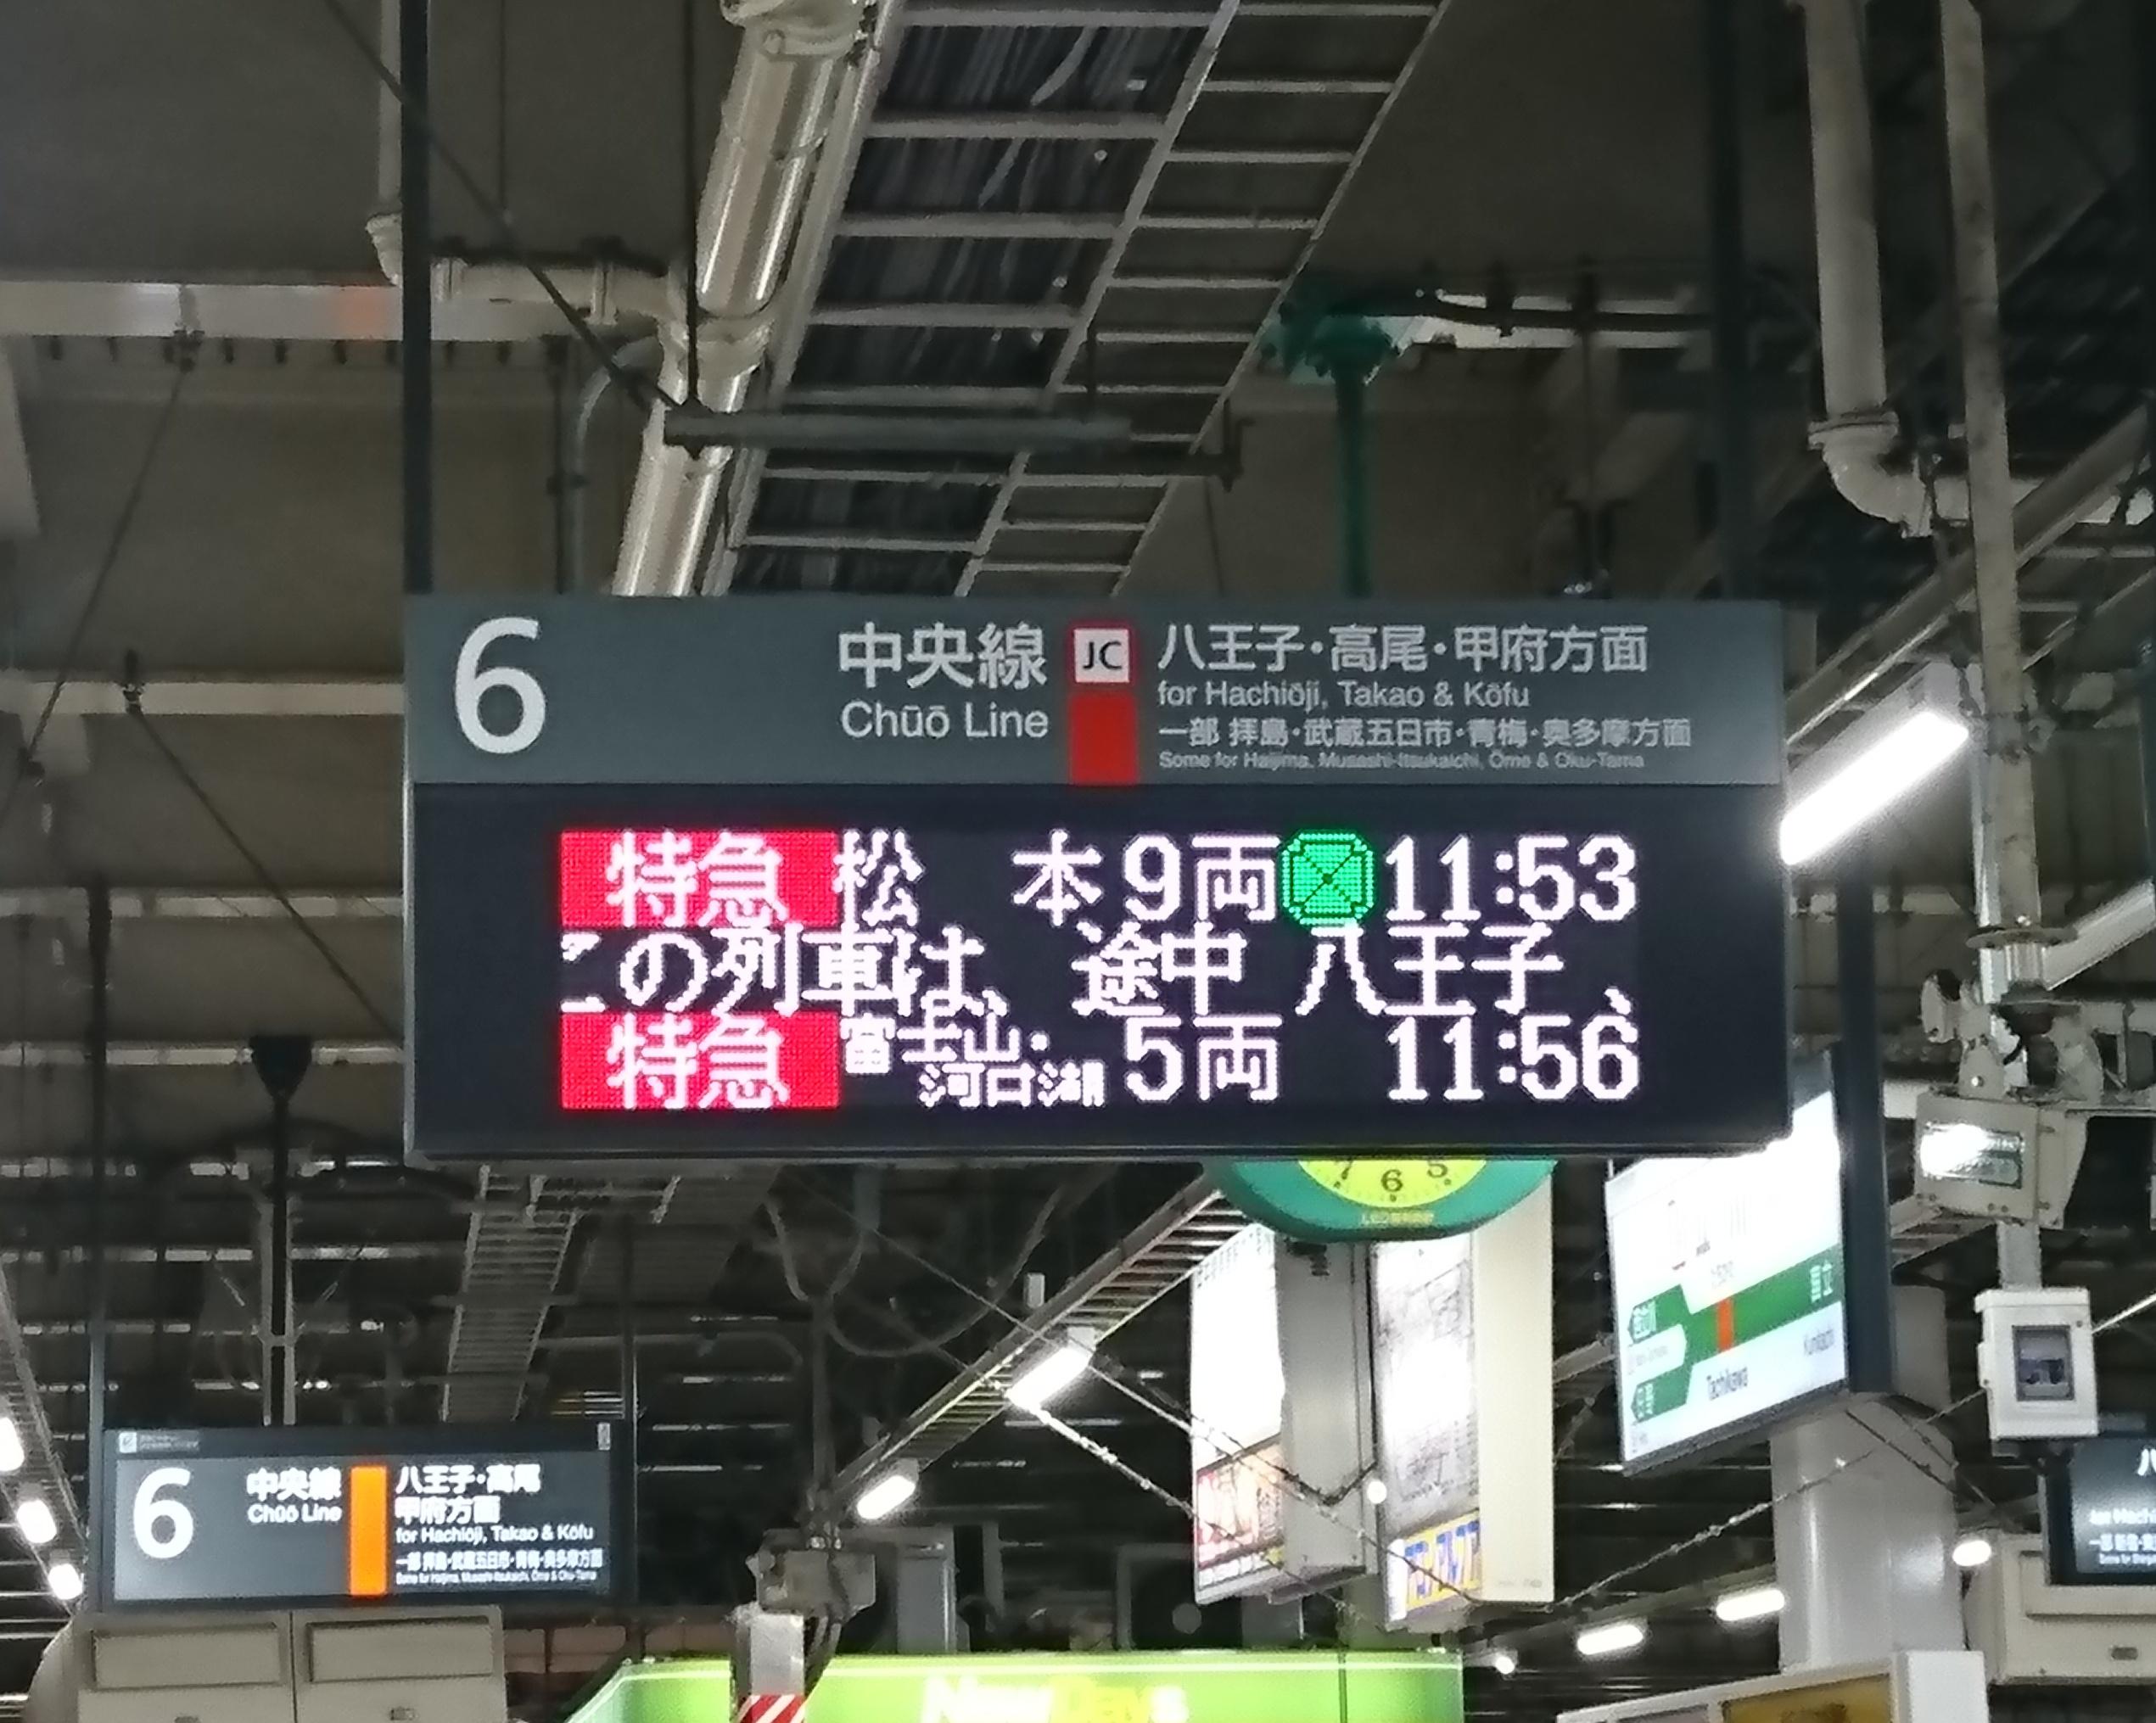 ポイントバケーション富士忍野に行く途中の立川駅